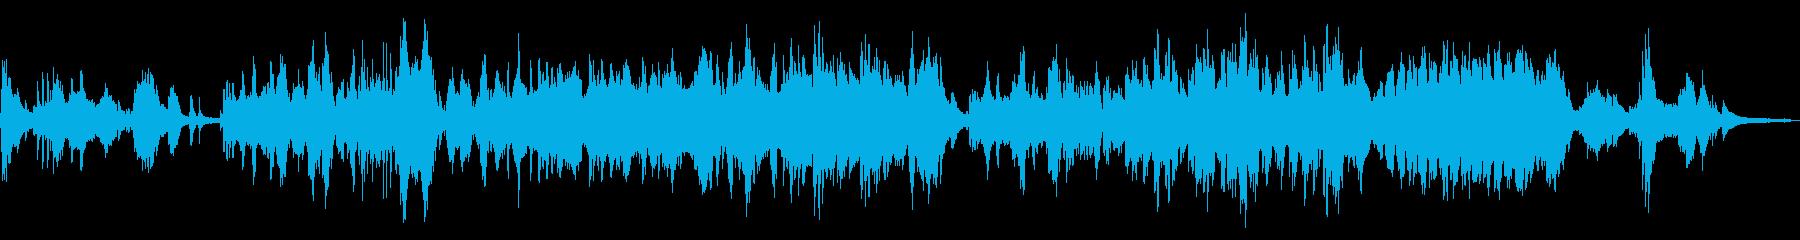 光と希望のテーマ-ピアノソロの再生済みの波形